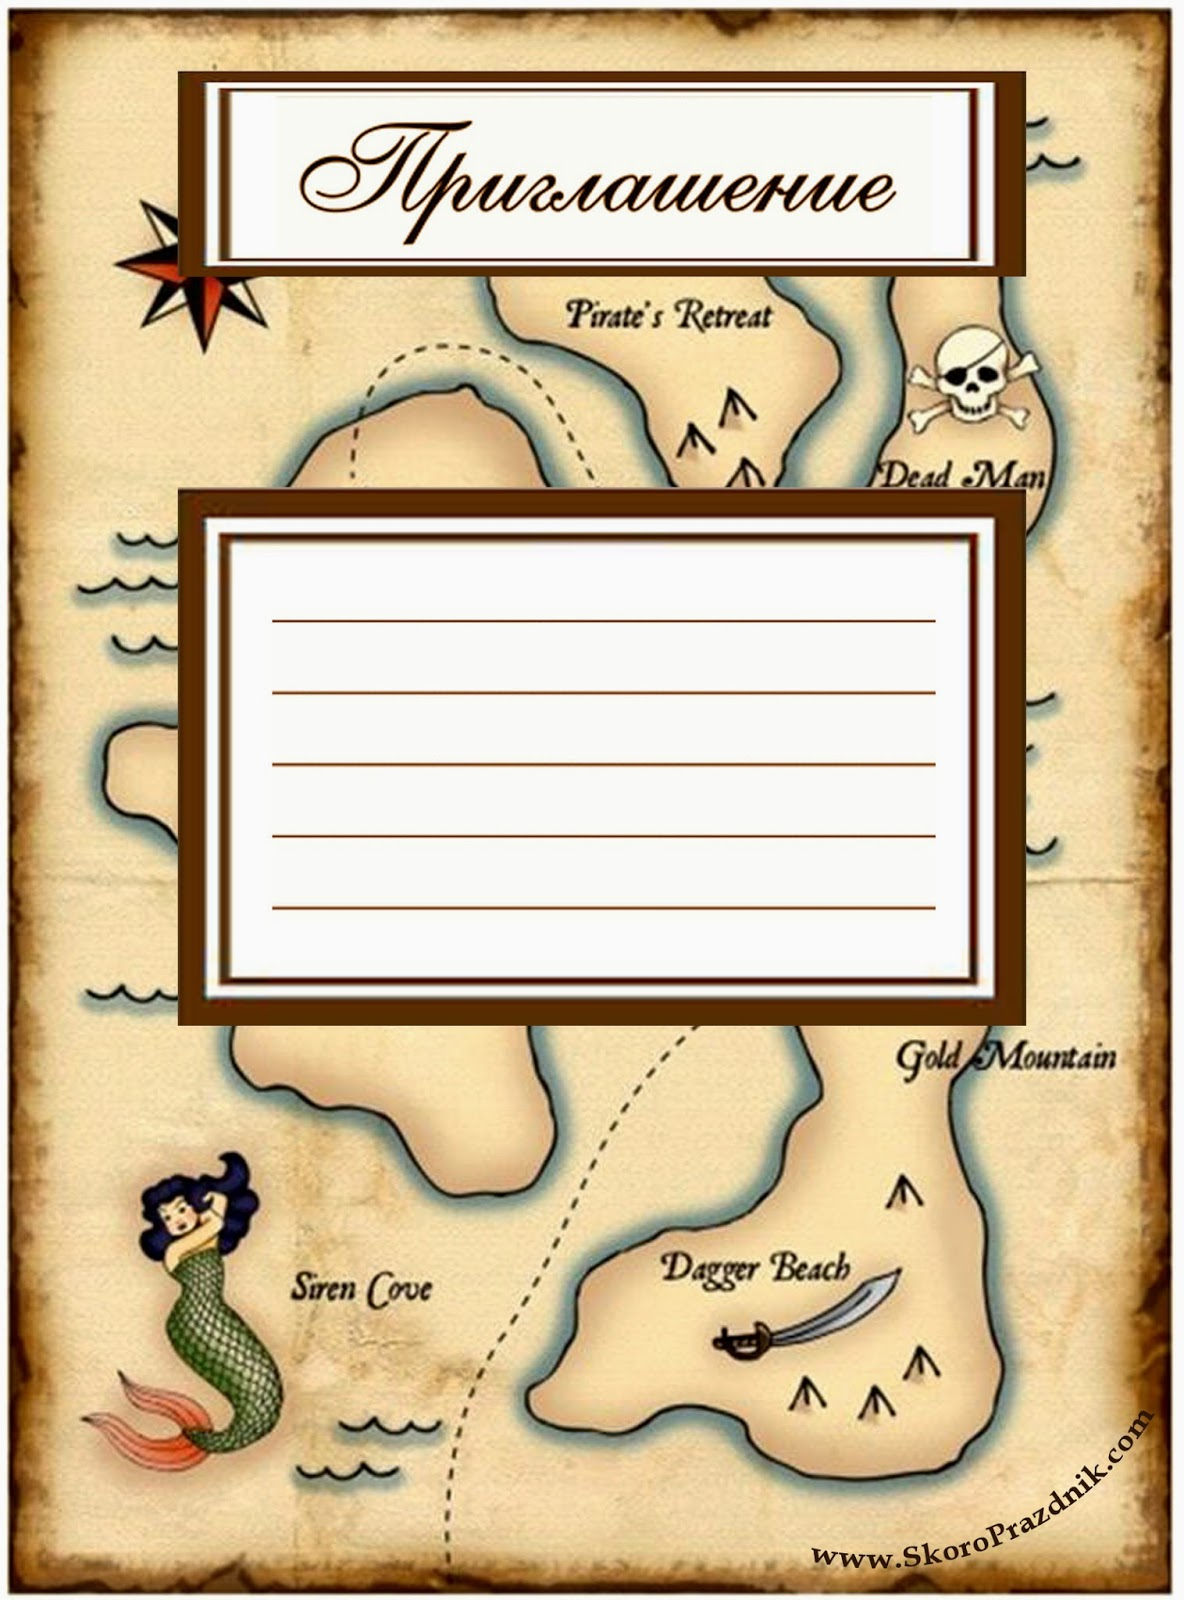 бланк приглашения на пиратскую вечеринку